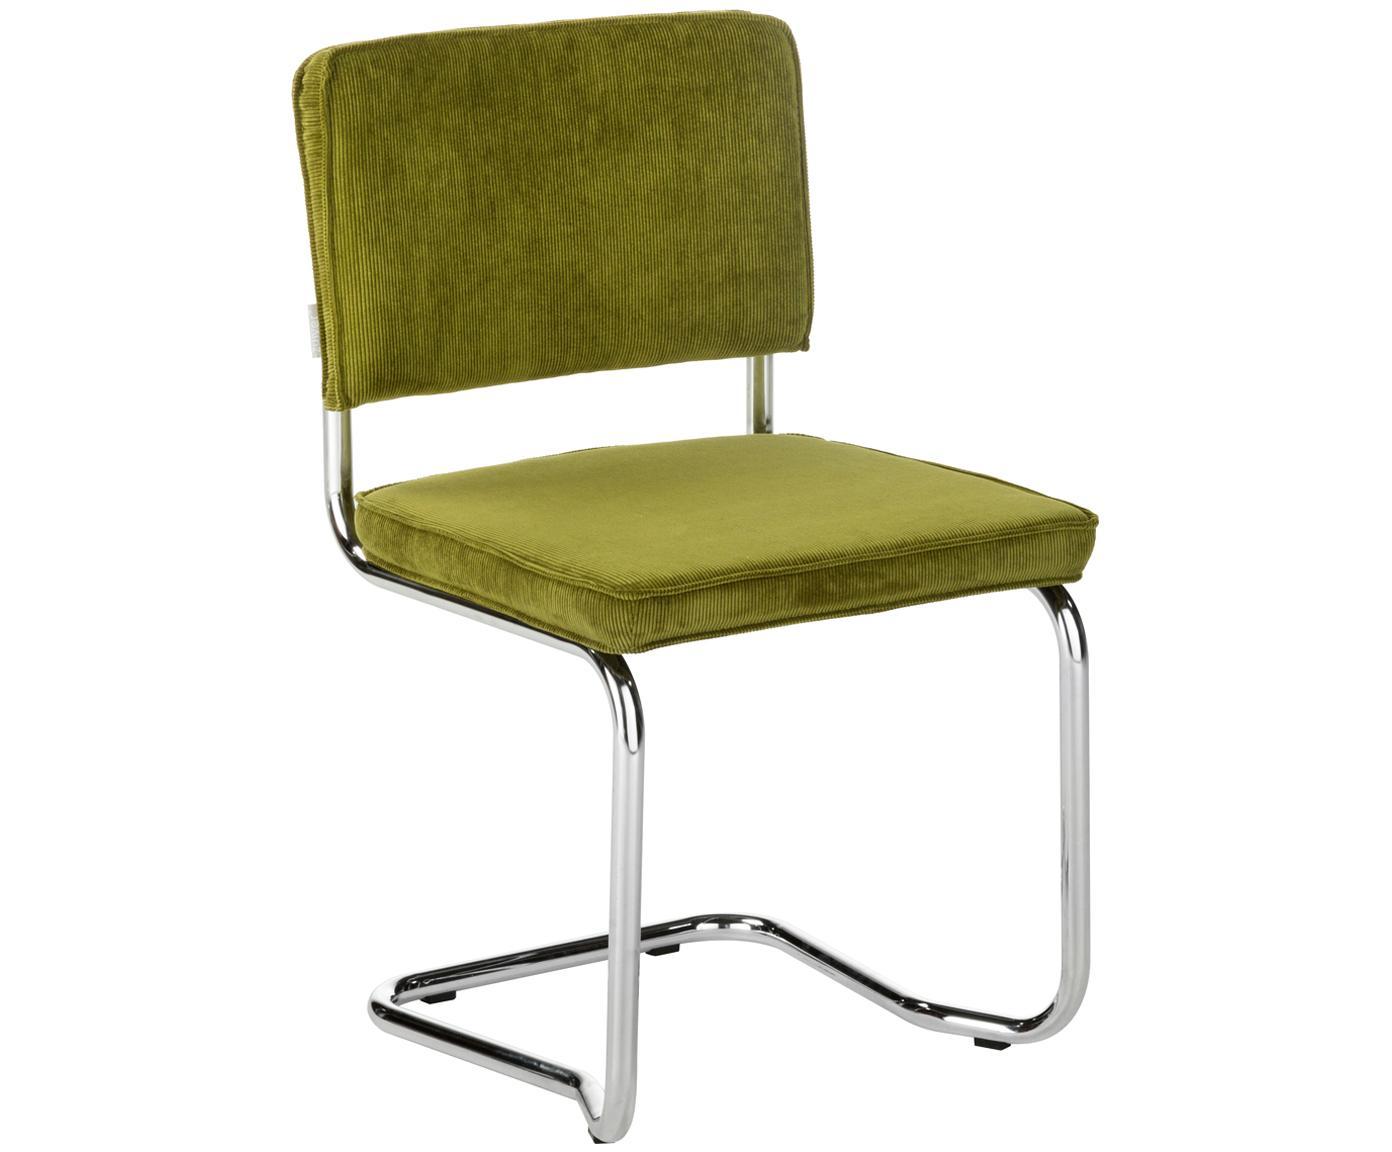 Krzesło Ridge Kink Chair, Tapicerka: 88% nylon, 12% poliester, Tapicerka: pianka poliuretanowa (sie, Stelaż: metal chromowany, Zielony, S 48 x W 85 cm